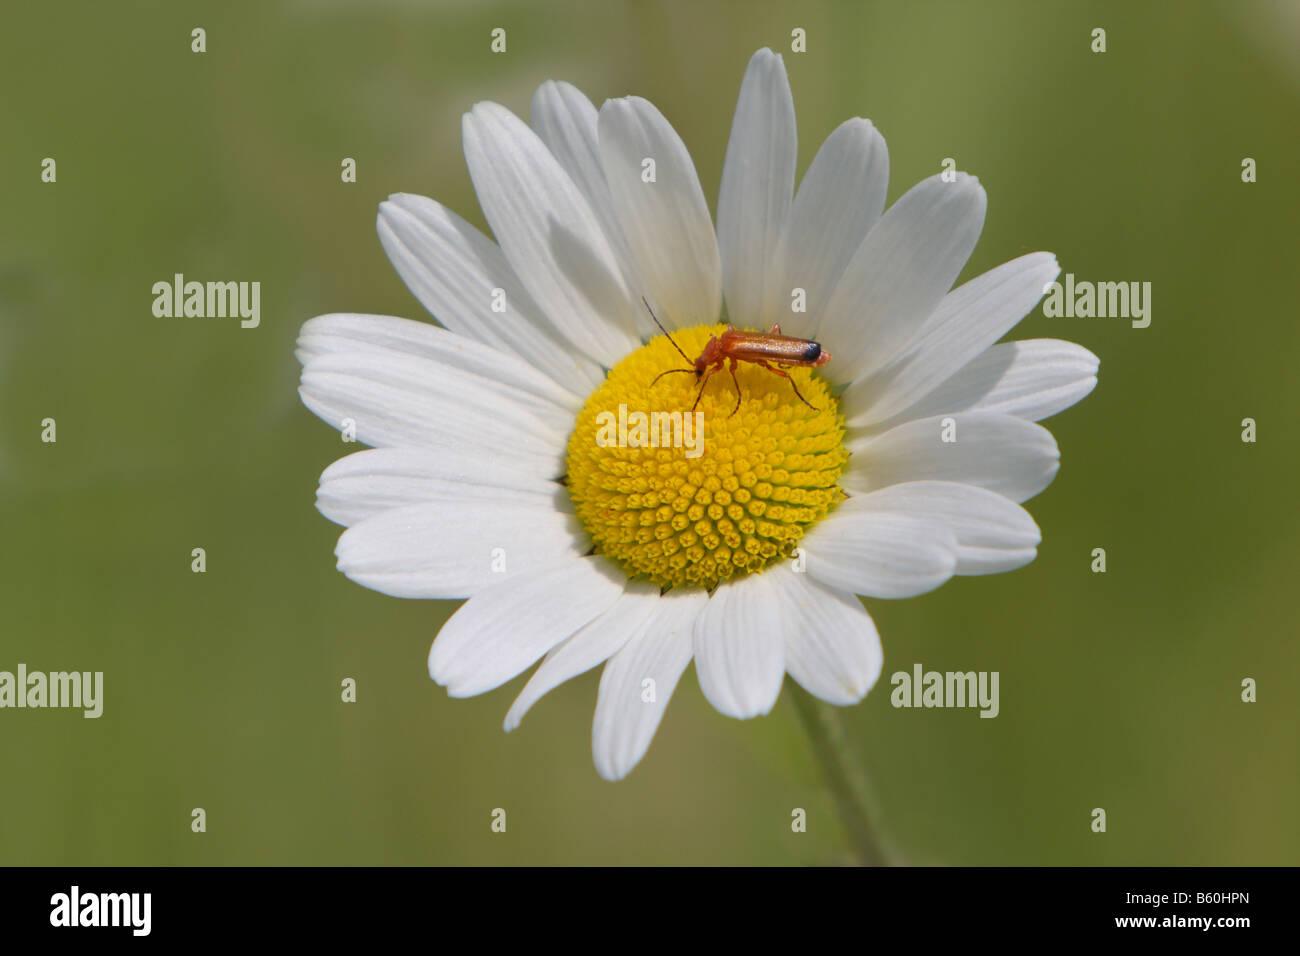 Bug on a daisy Stock Photo bug on a daisy